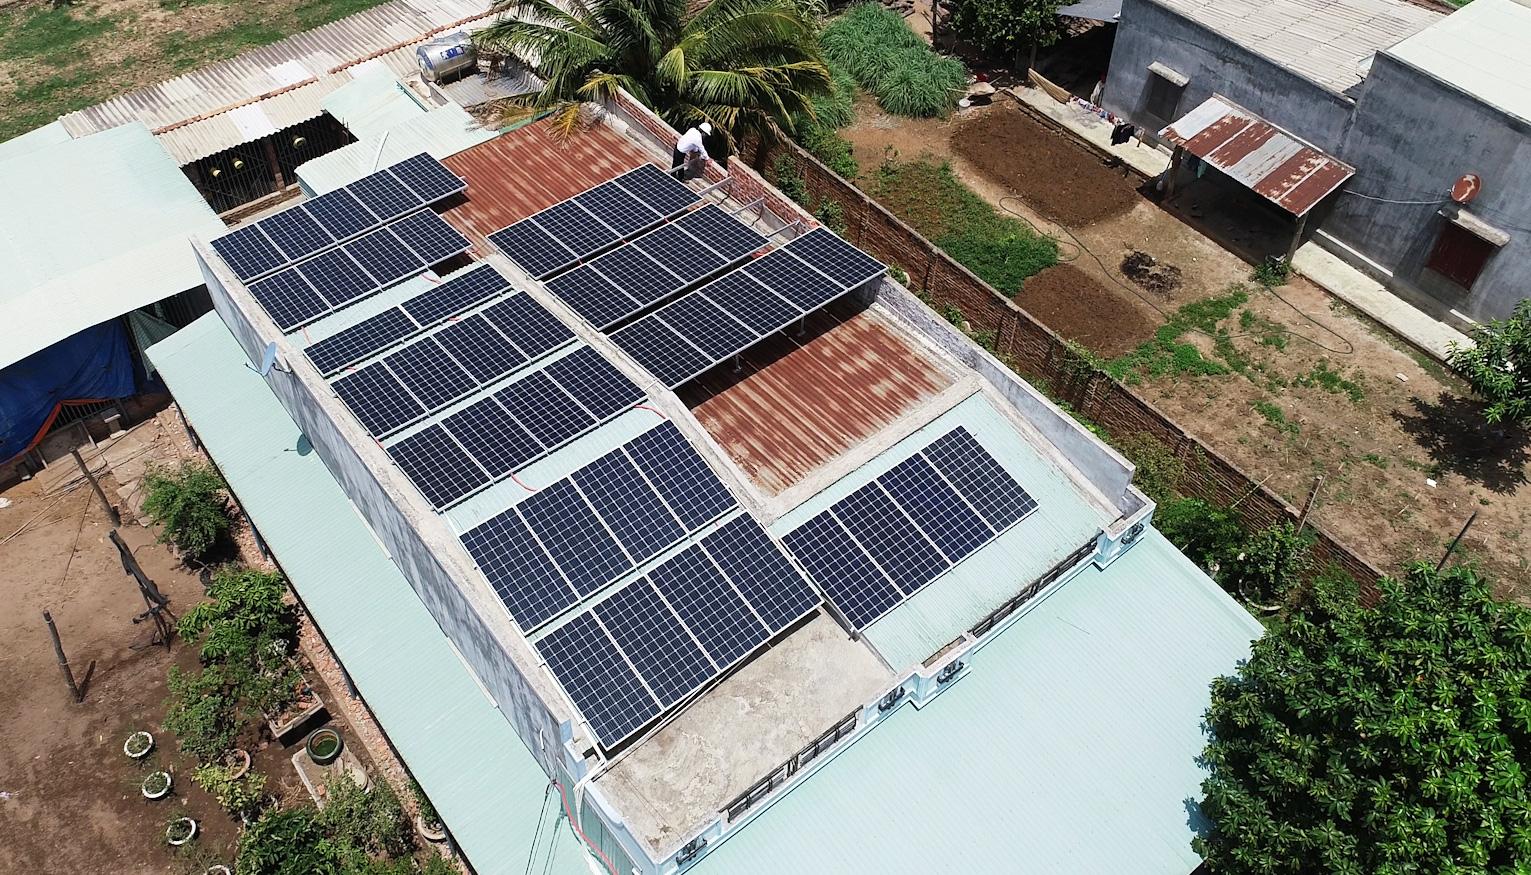 Dự án điện mặt trời mái nhà: Dân ồ ạt đăng ký nhưng chưa có thông tư - Ảnh 2.